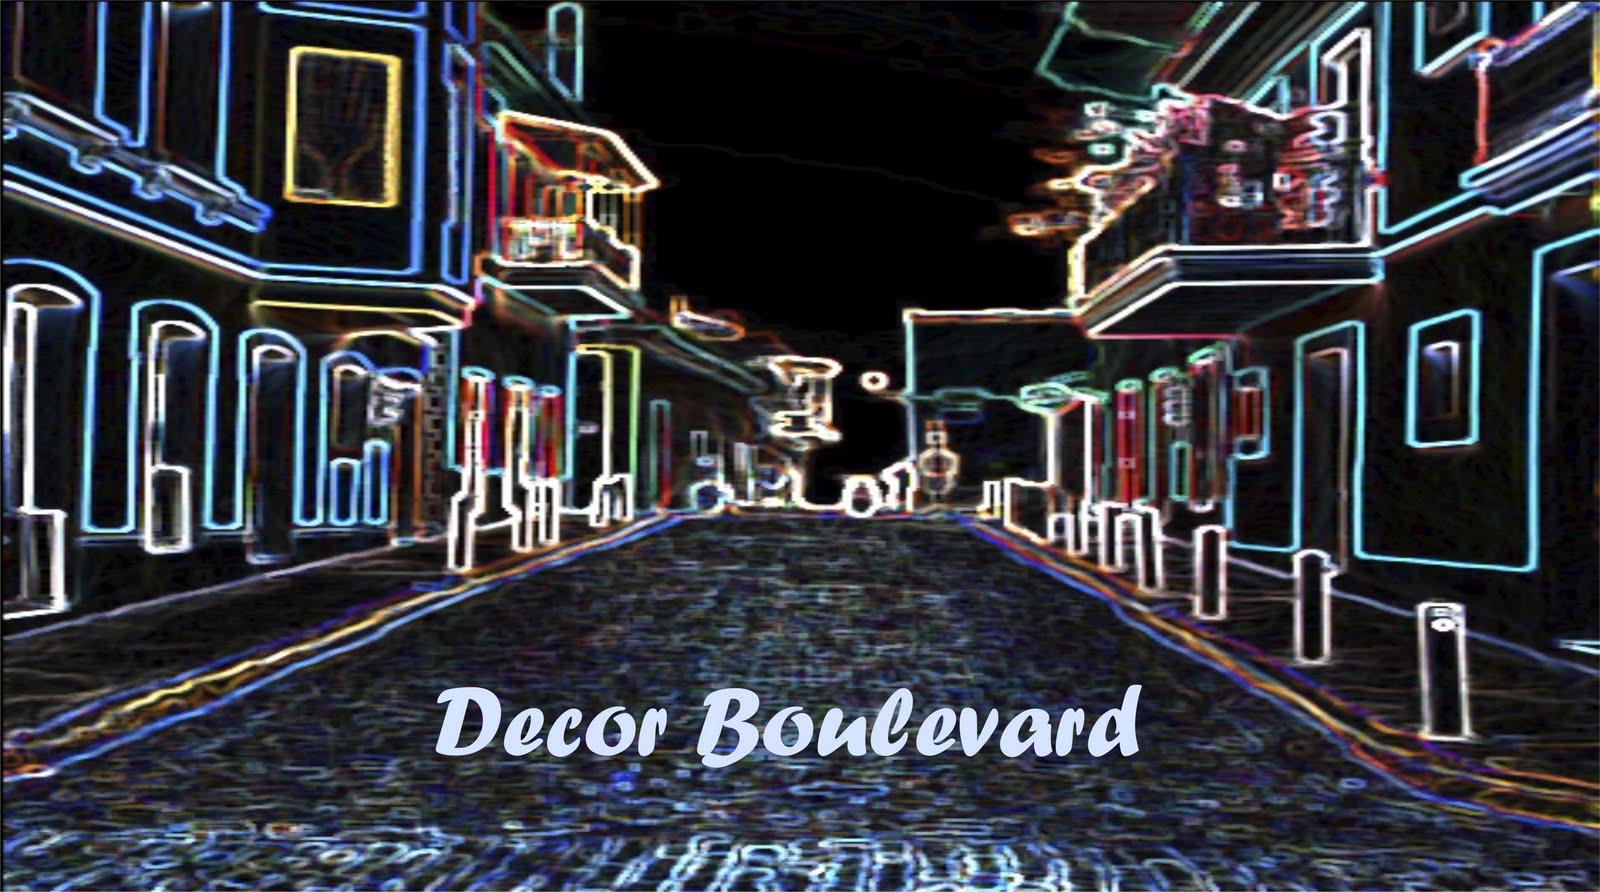 Decor Boulevard